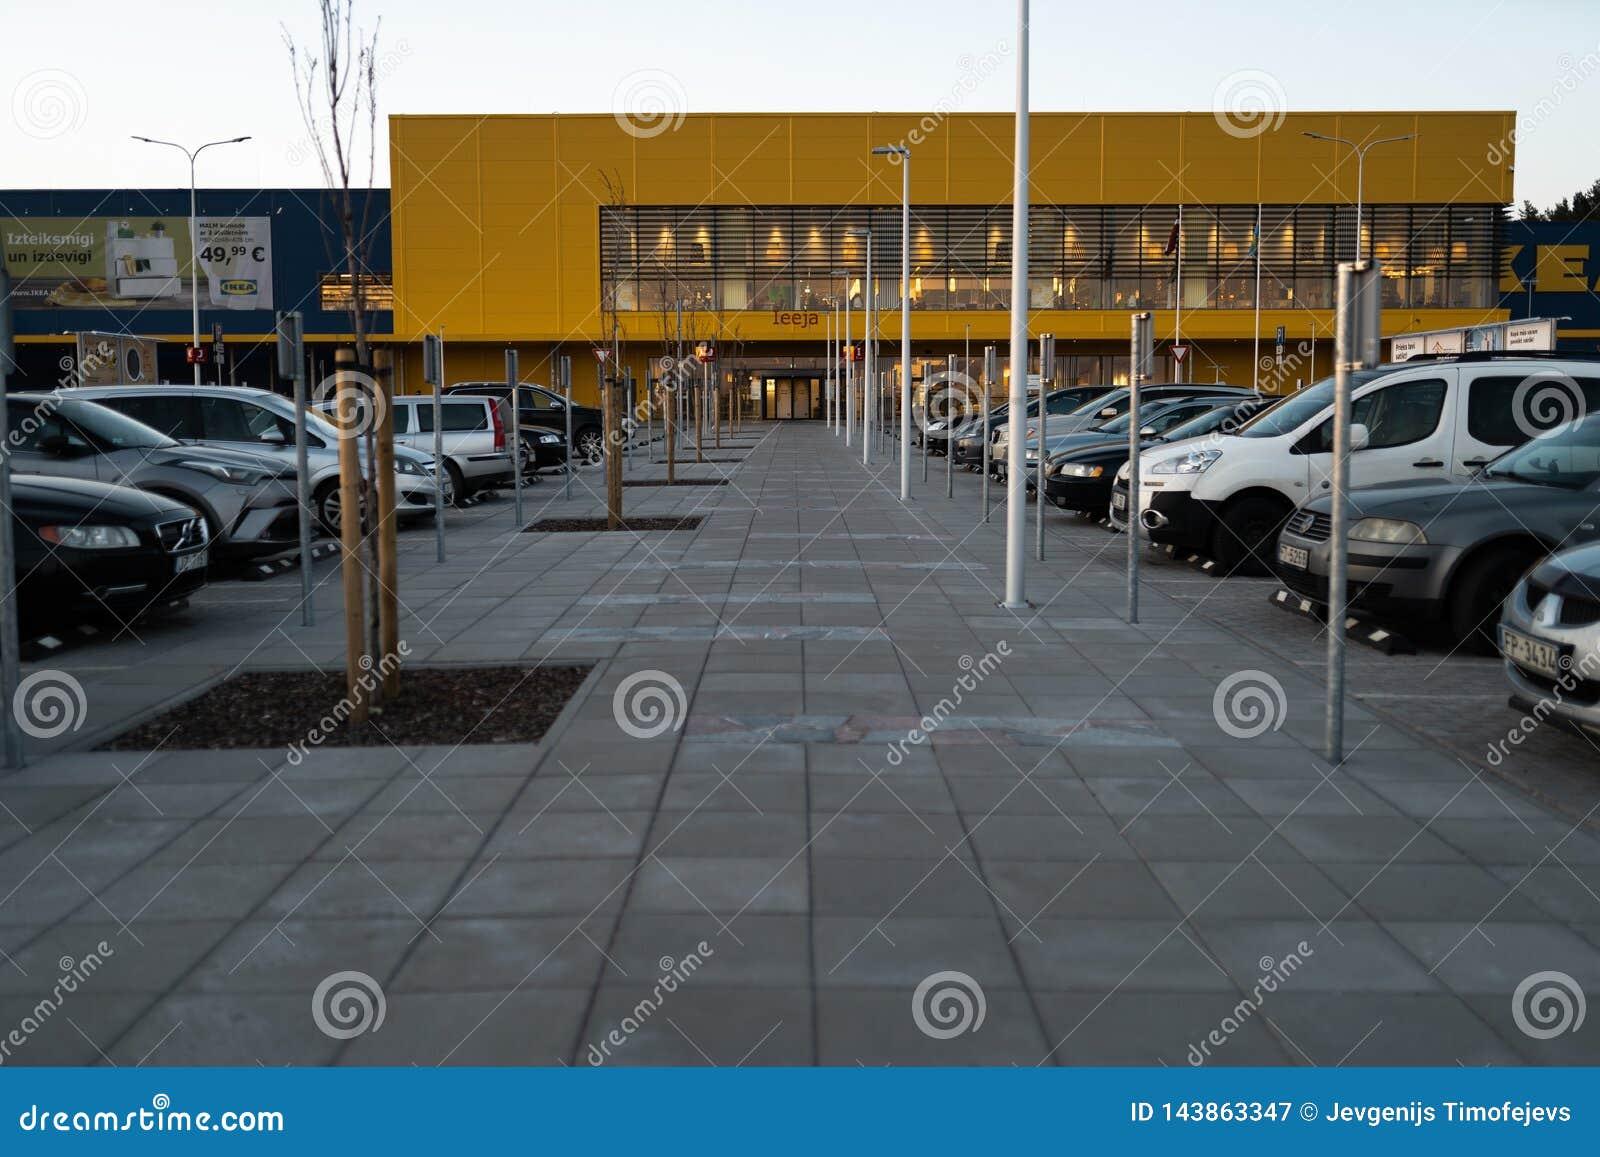 RIGA, LETLAND - APRIL 3, 2019: IKEA-wandelgalerij hoofdingang tijdens donkere avond en wind - Blauwe hemel op de achtergrond